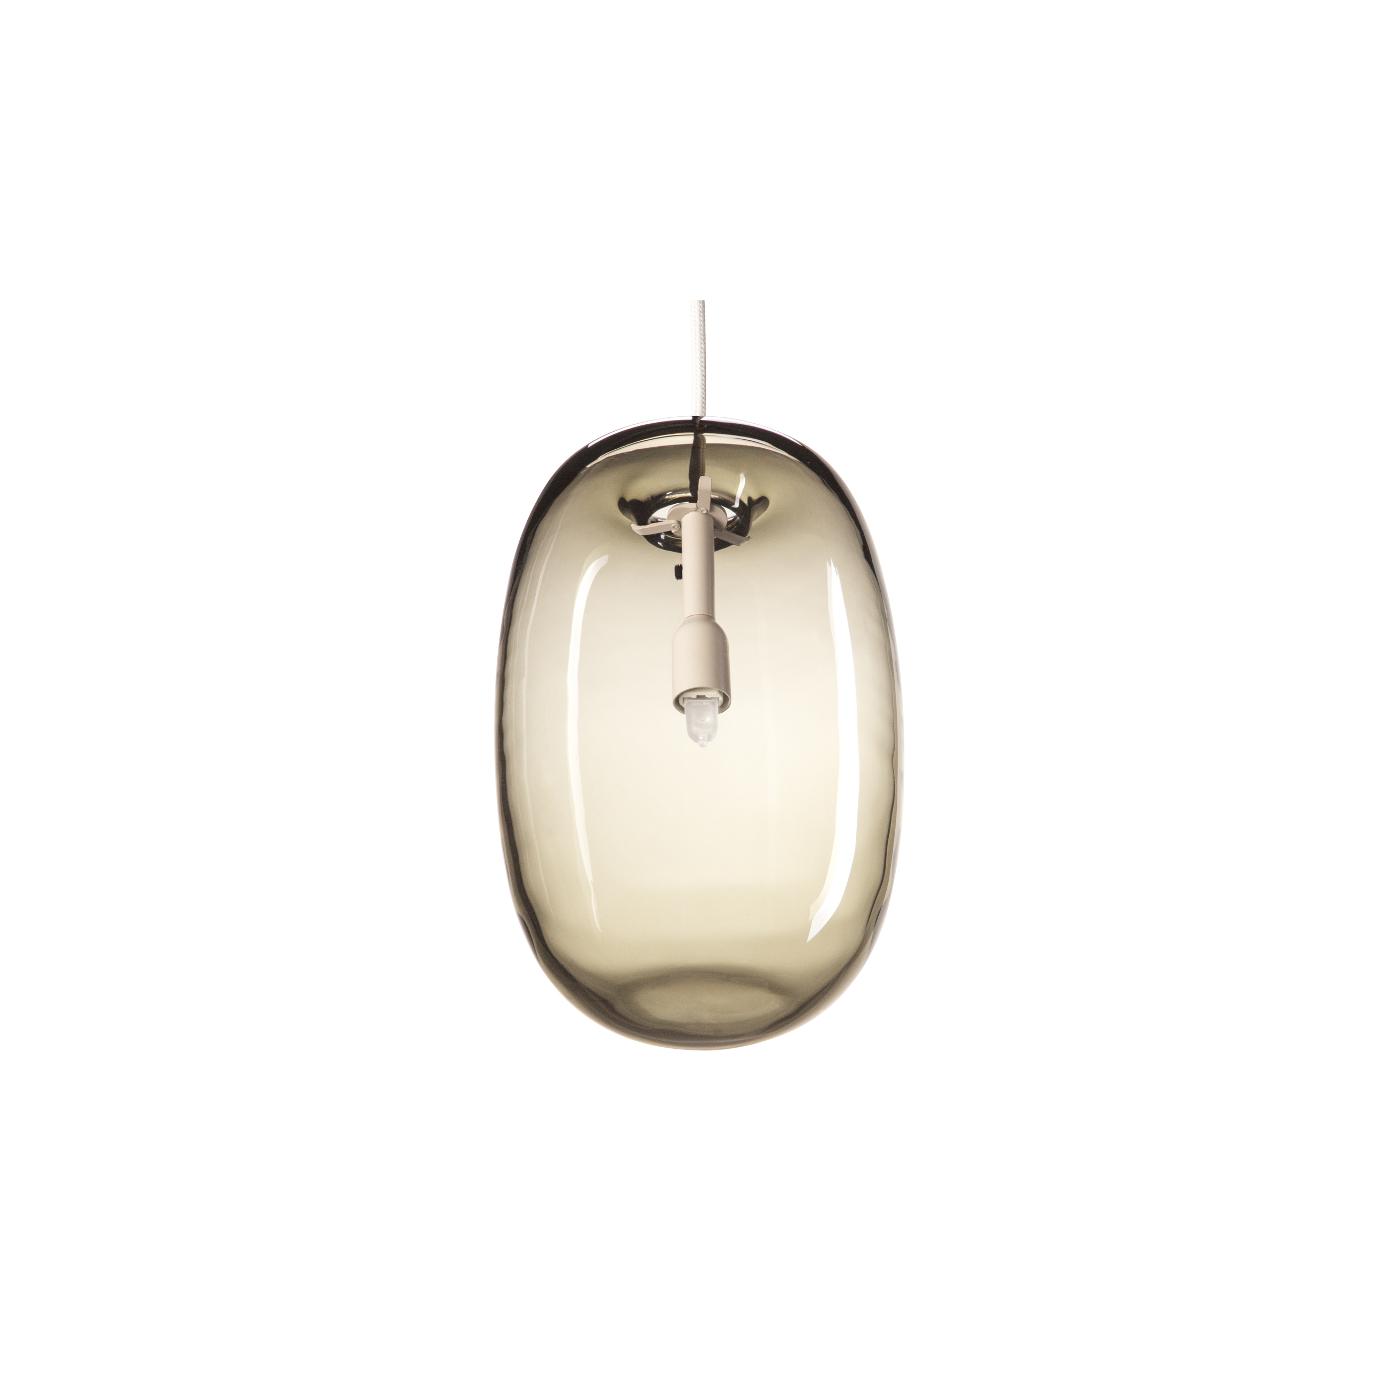 Taklampa PEBBLE Långsträckt varmgrå glas, Örsjö belysning